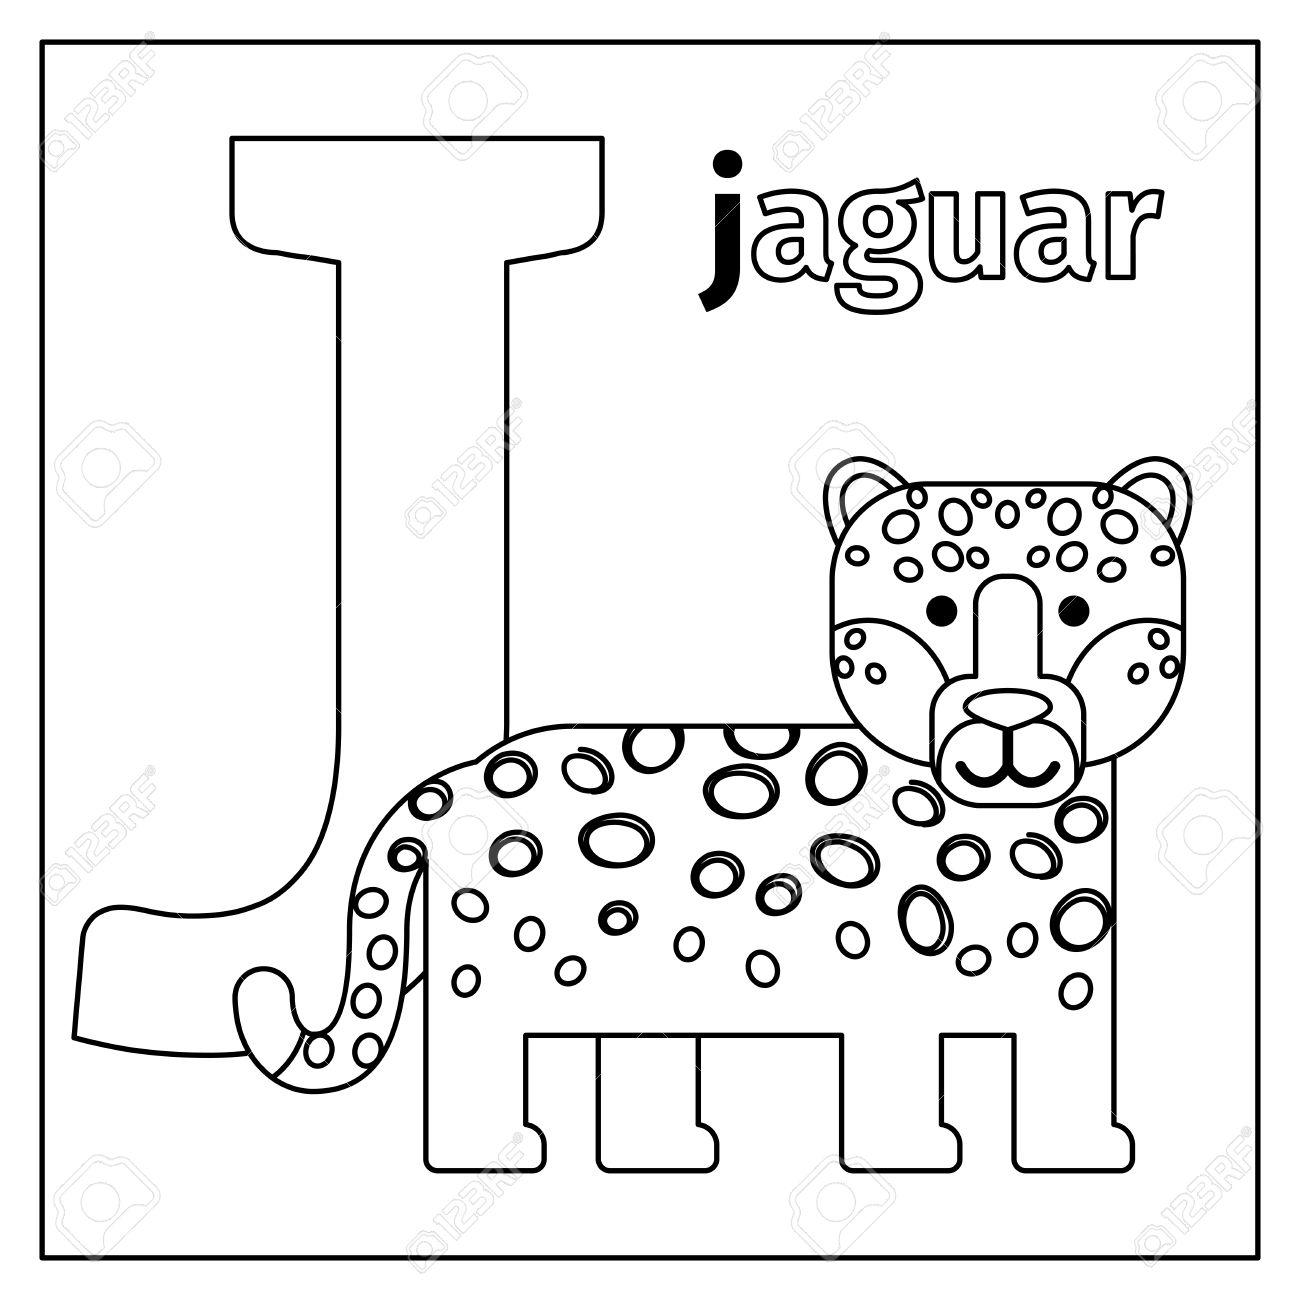 Dibujo Para Colorear O Tarjeta Para Los Niños Con Alfabeto Inglés Animales Del Zoo Jaguar Letra J Ilustración Vectorial